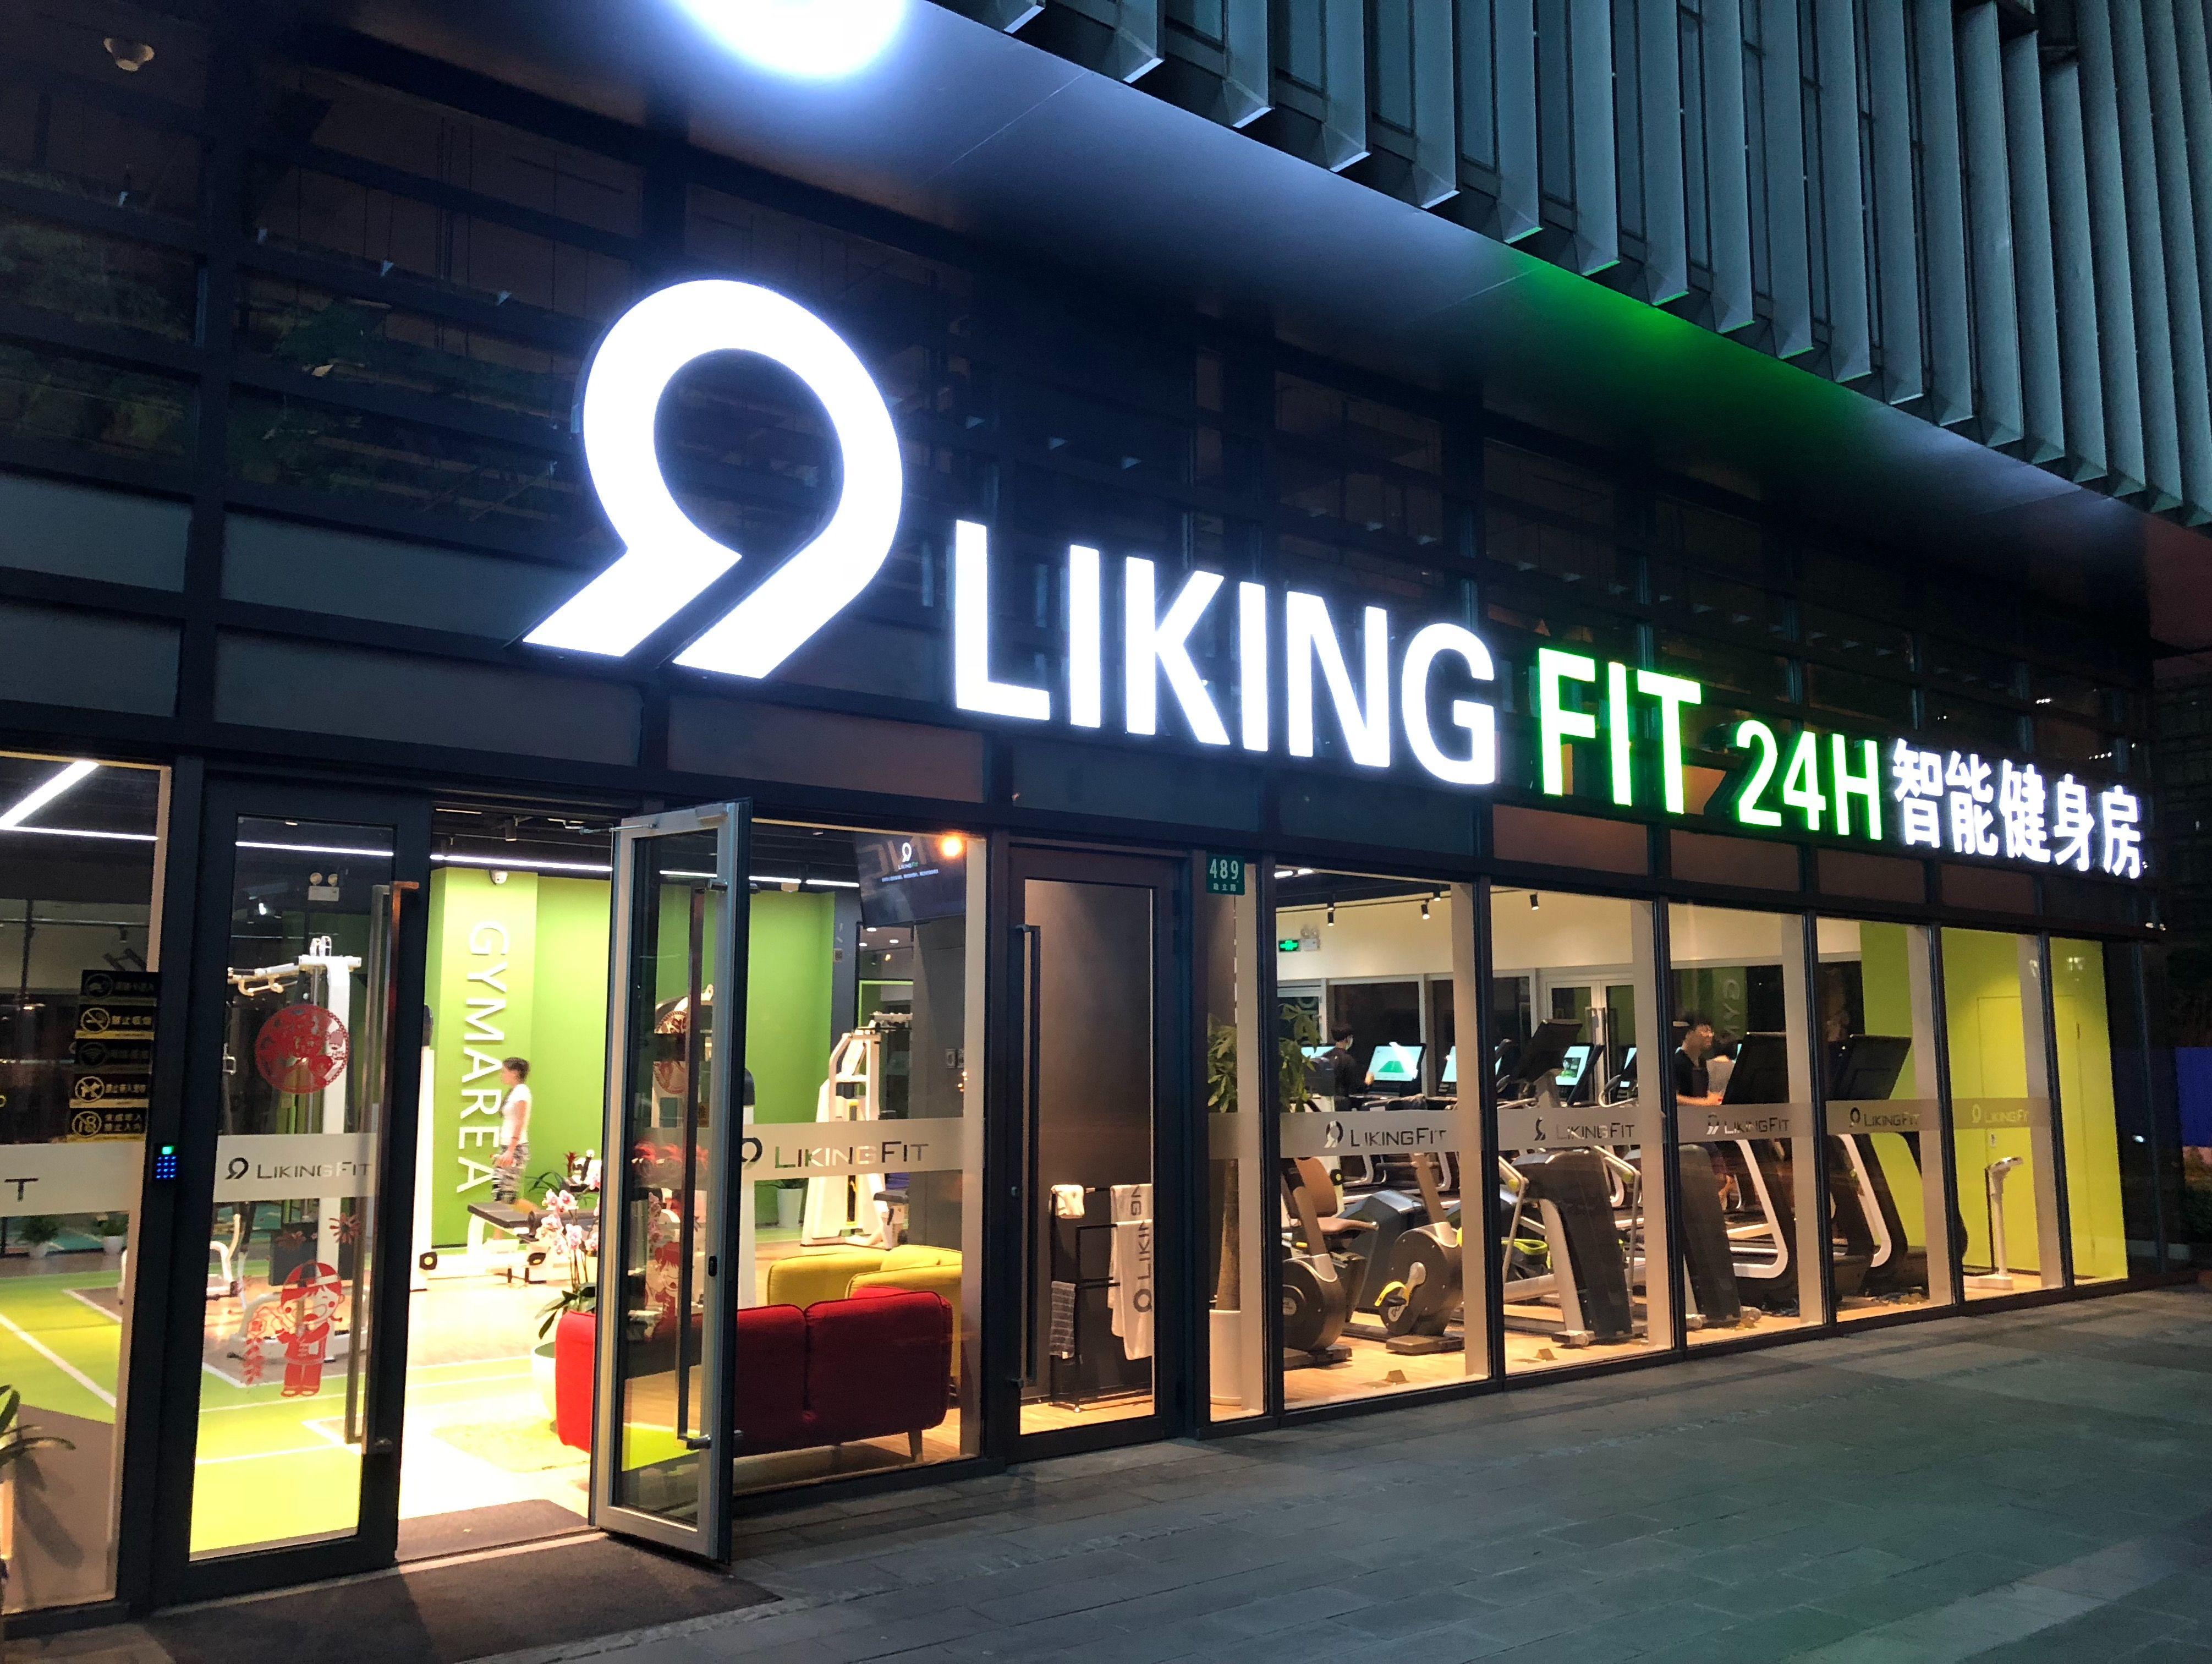 【上海Liking Fit智能健身房】